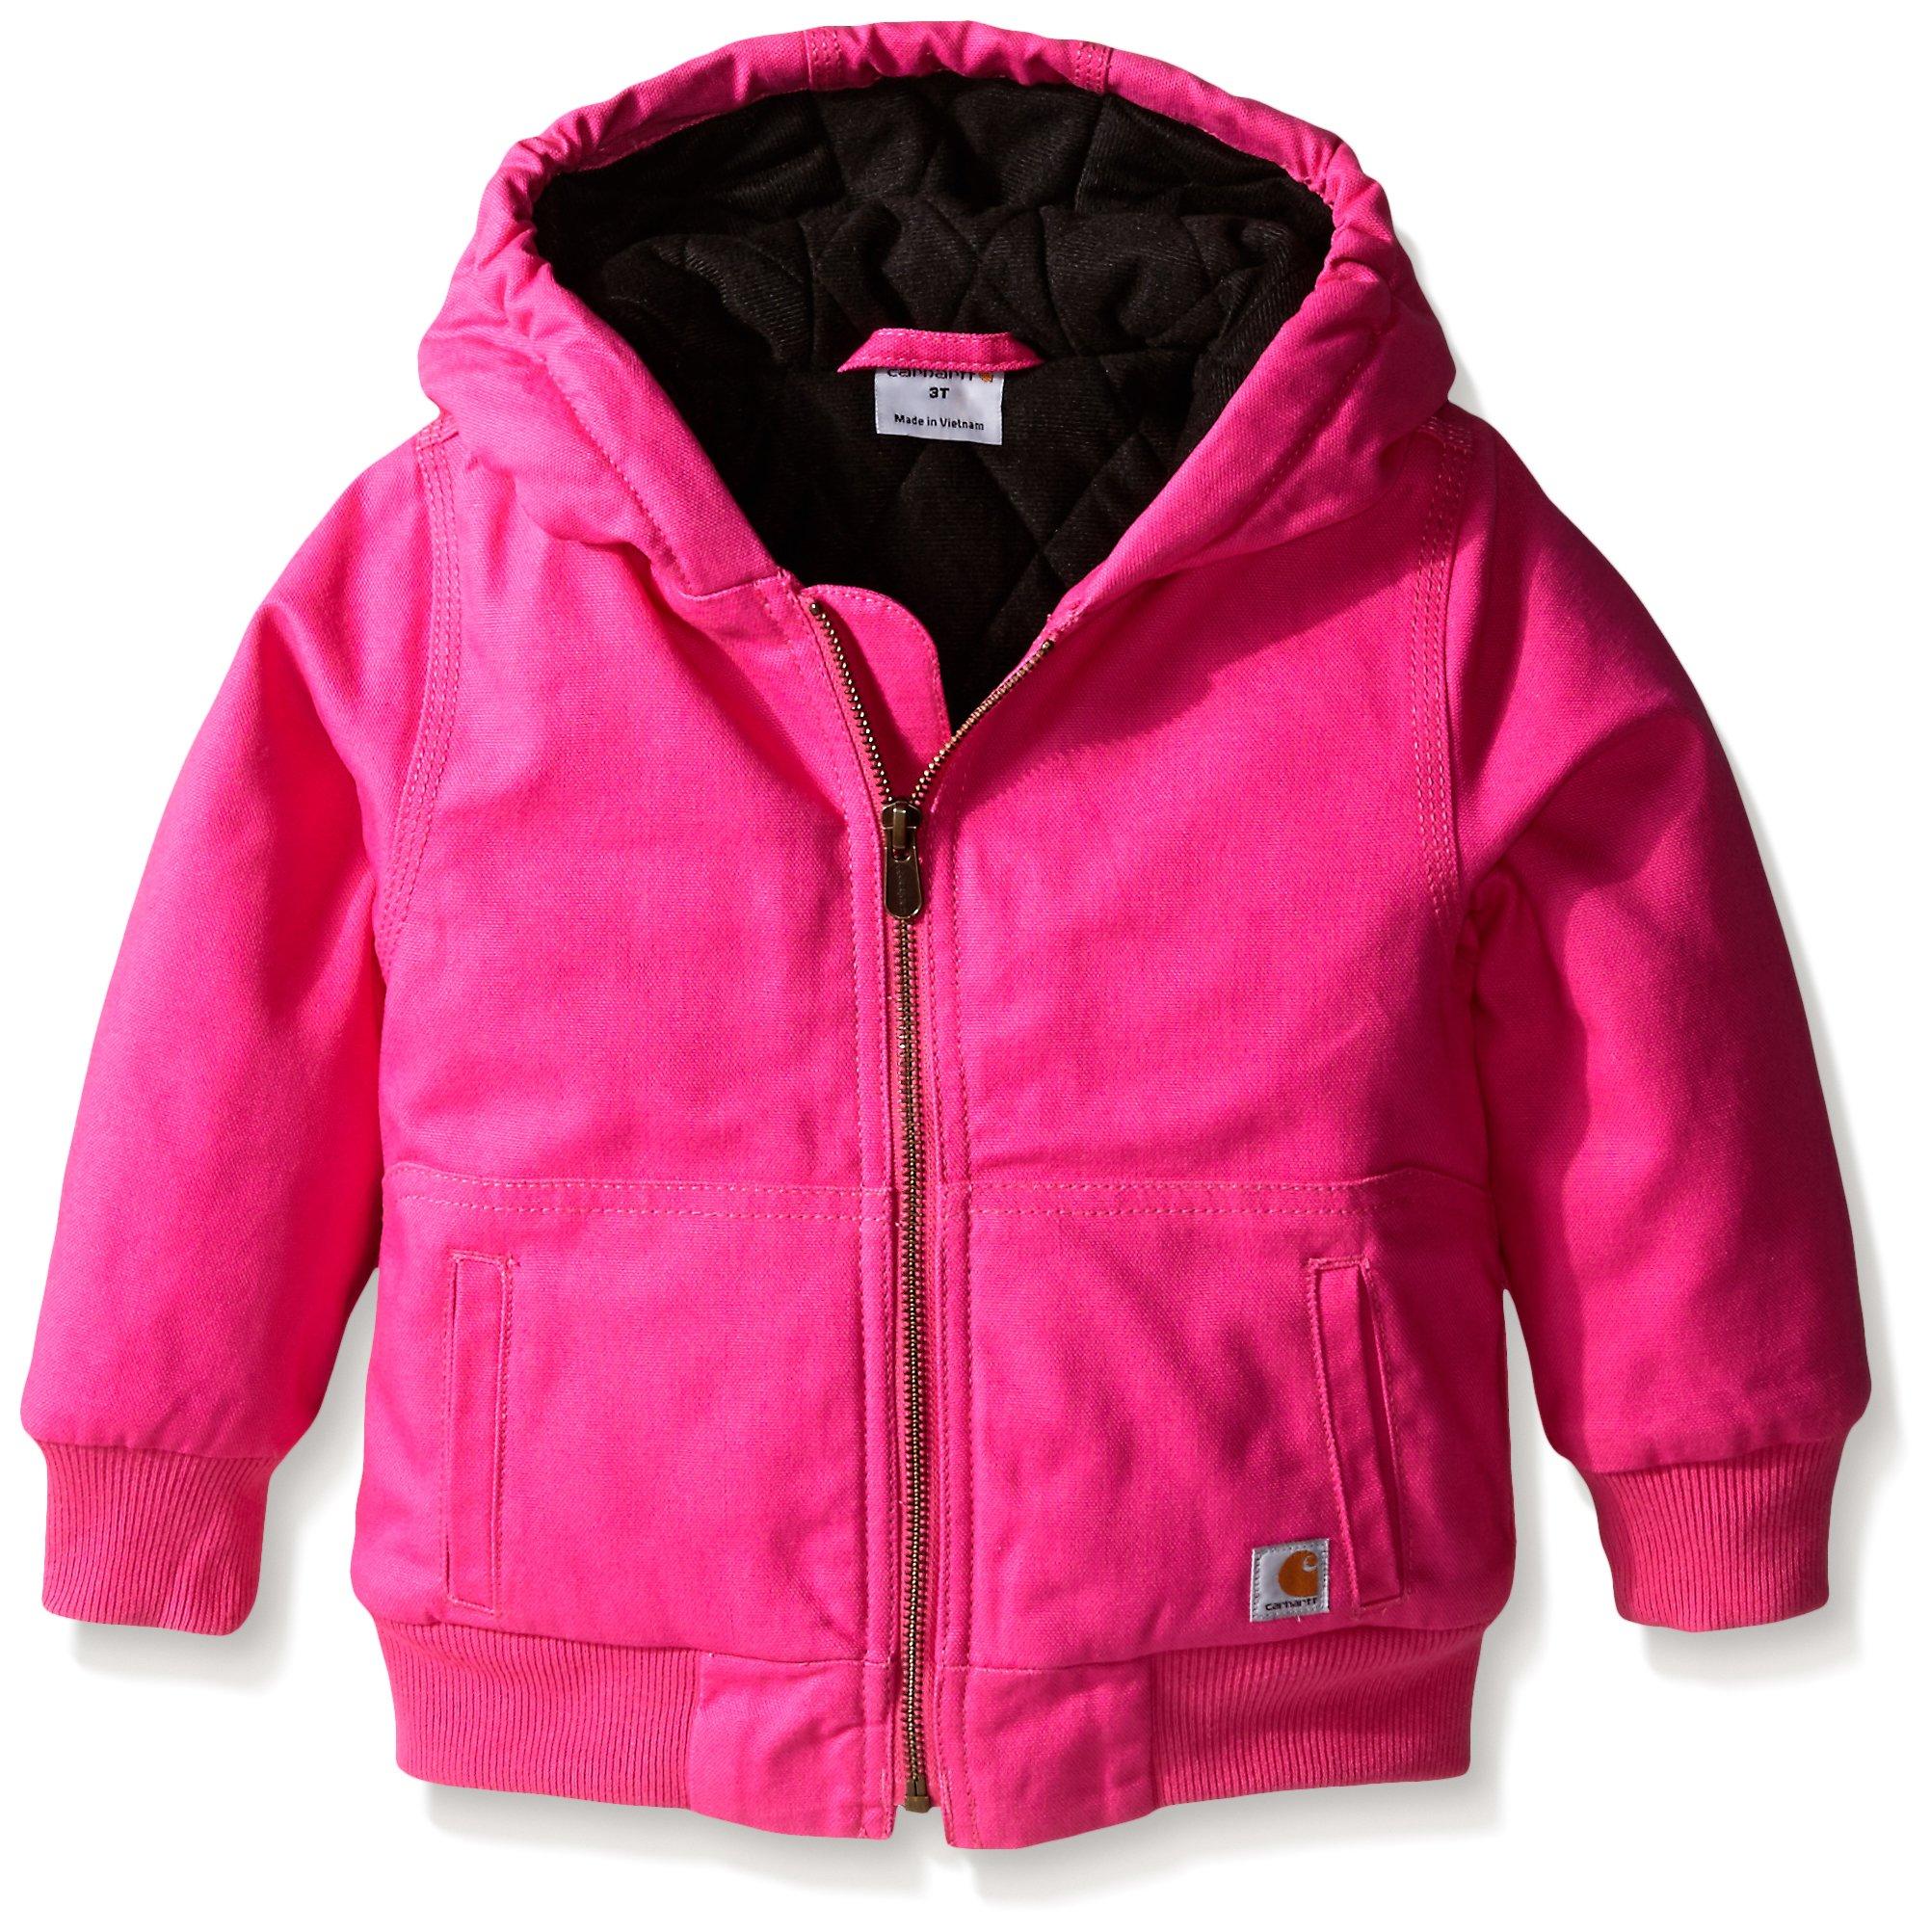 Carhartt Little Girls' Toddler Wildwood Jacket, Raspberry Rose, 3T by Carhartt